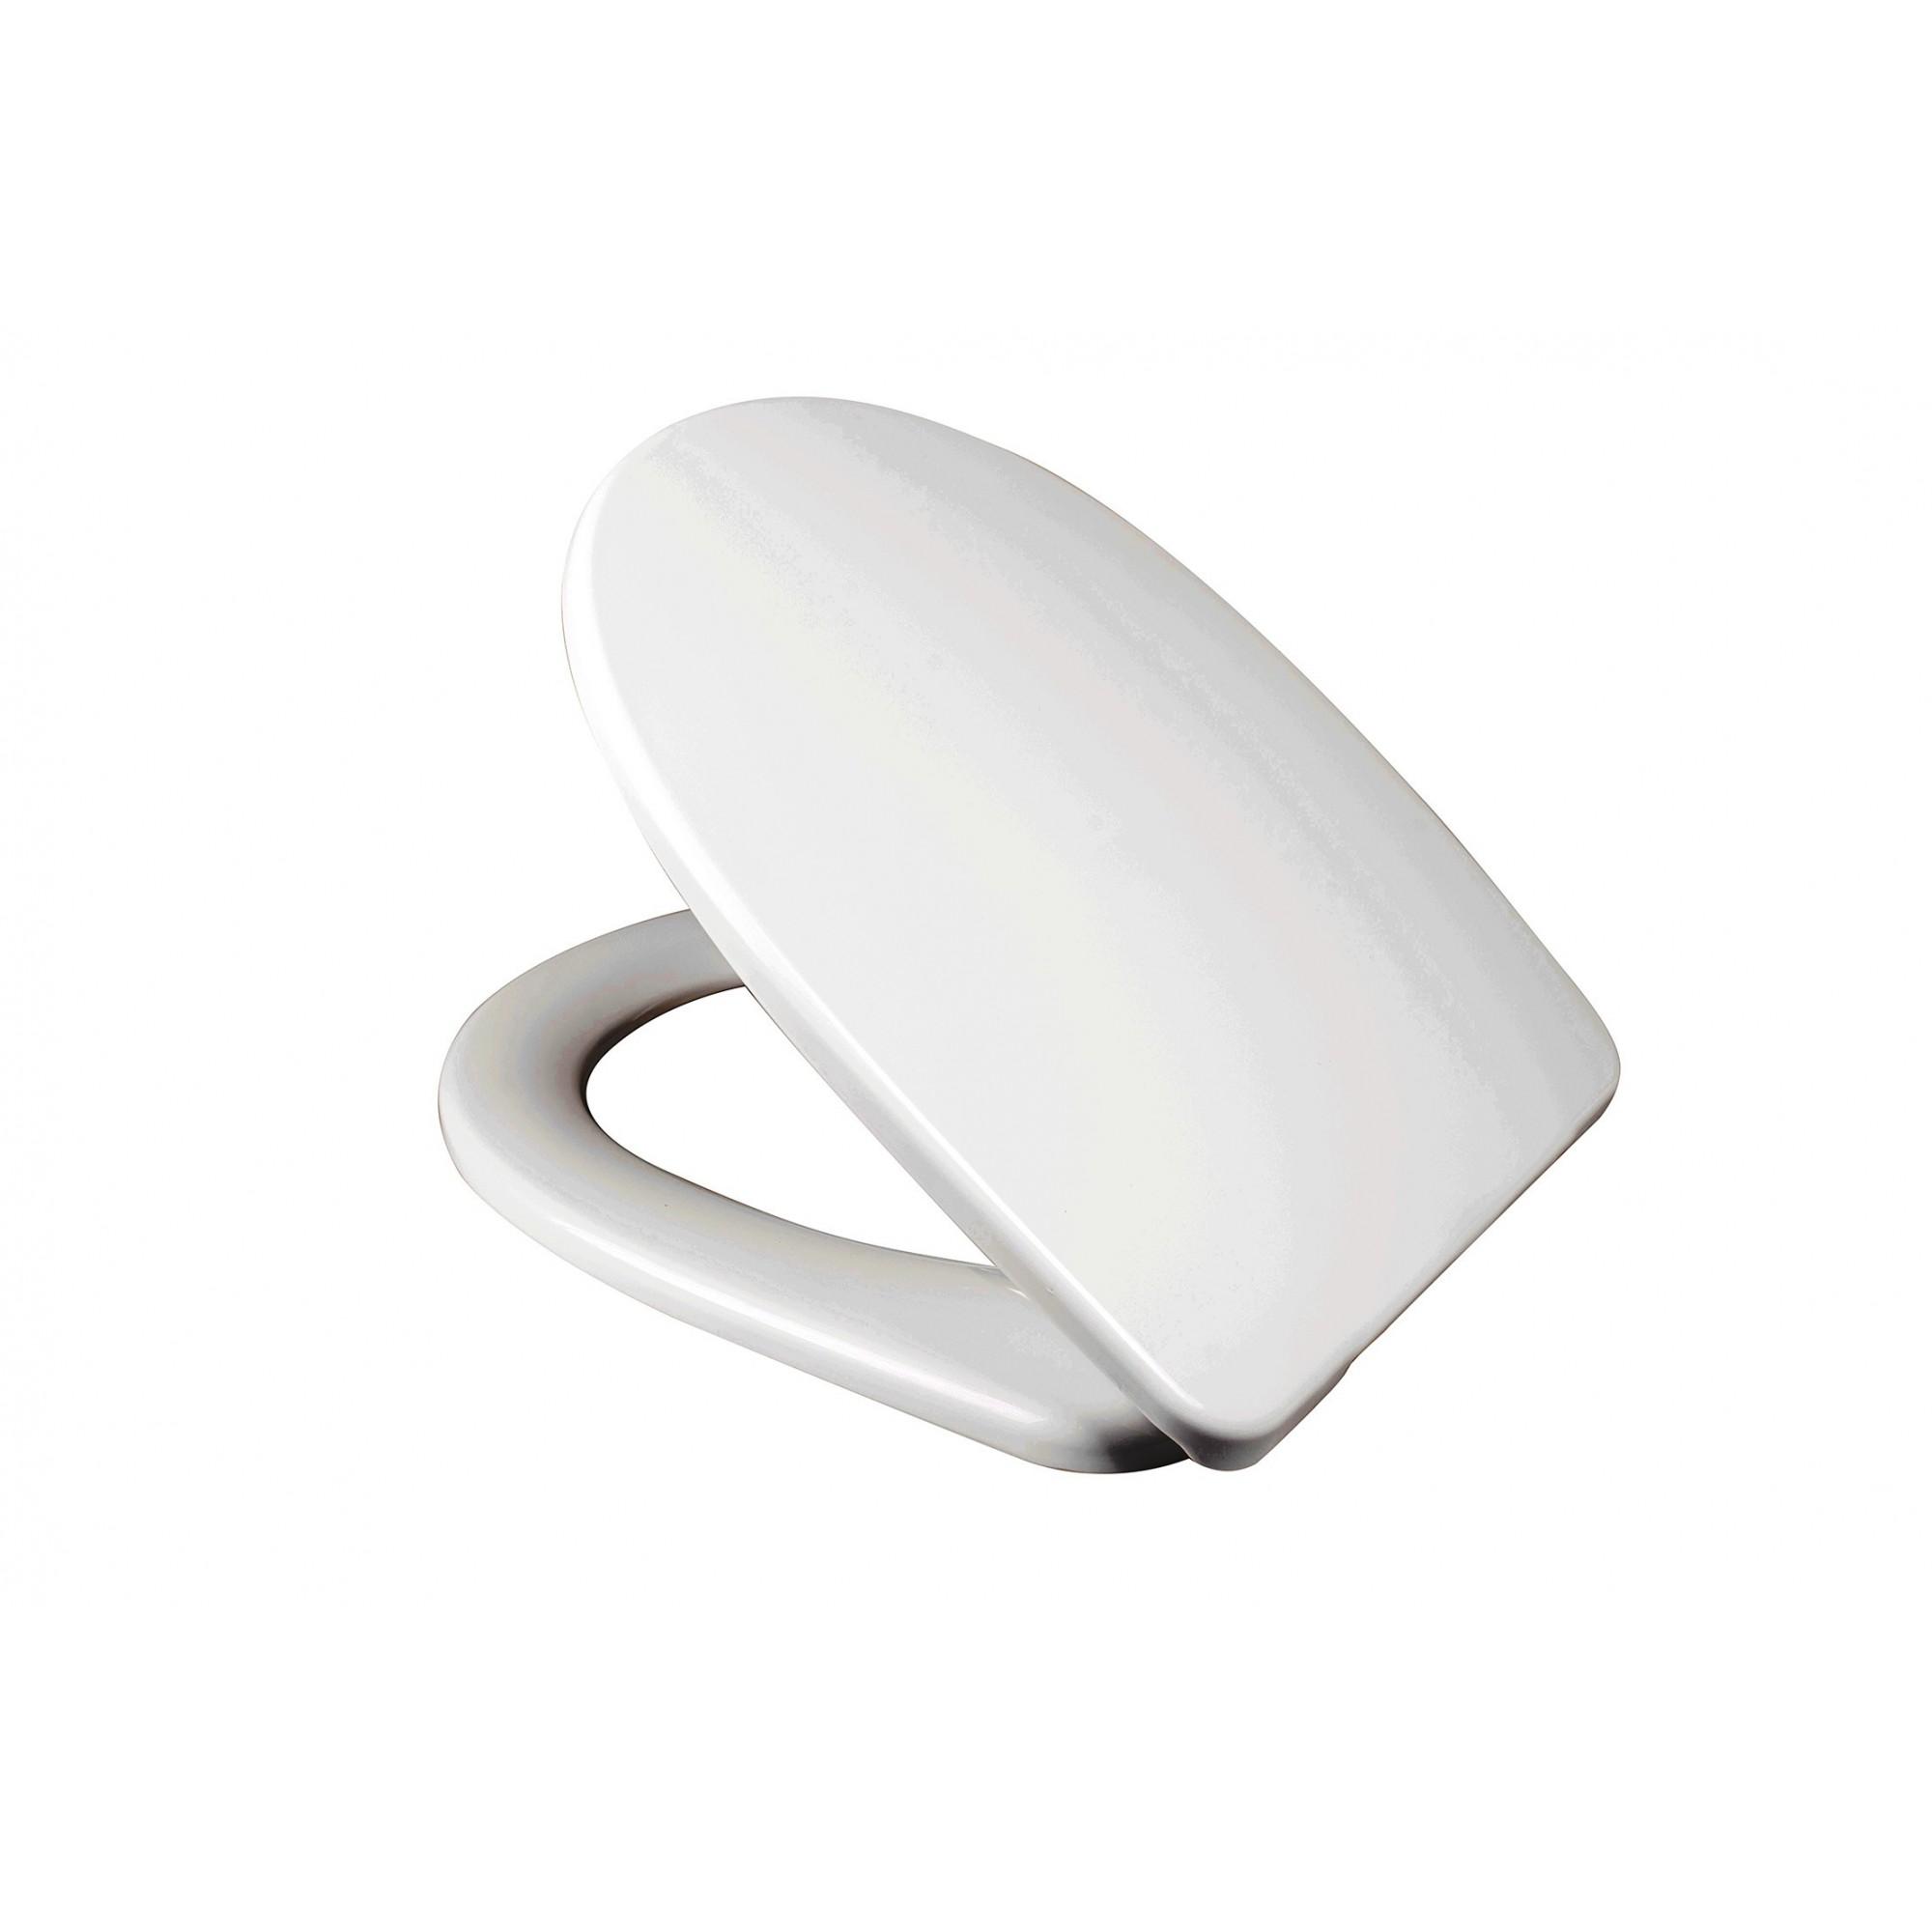 Крышка для унитаза белая SYDANIT СУ 79, полиропилен, металлический крепеж